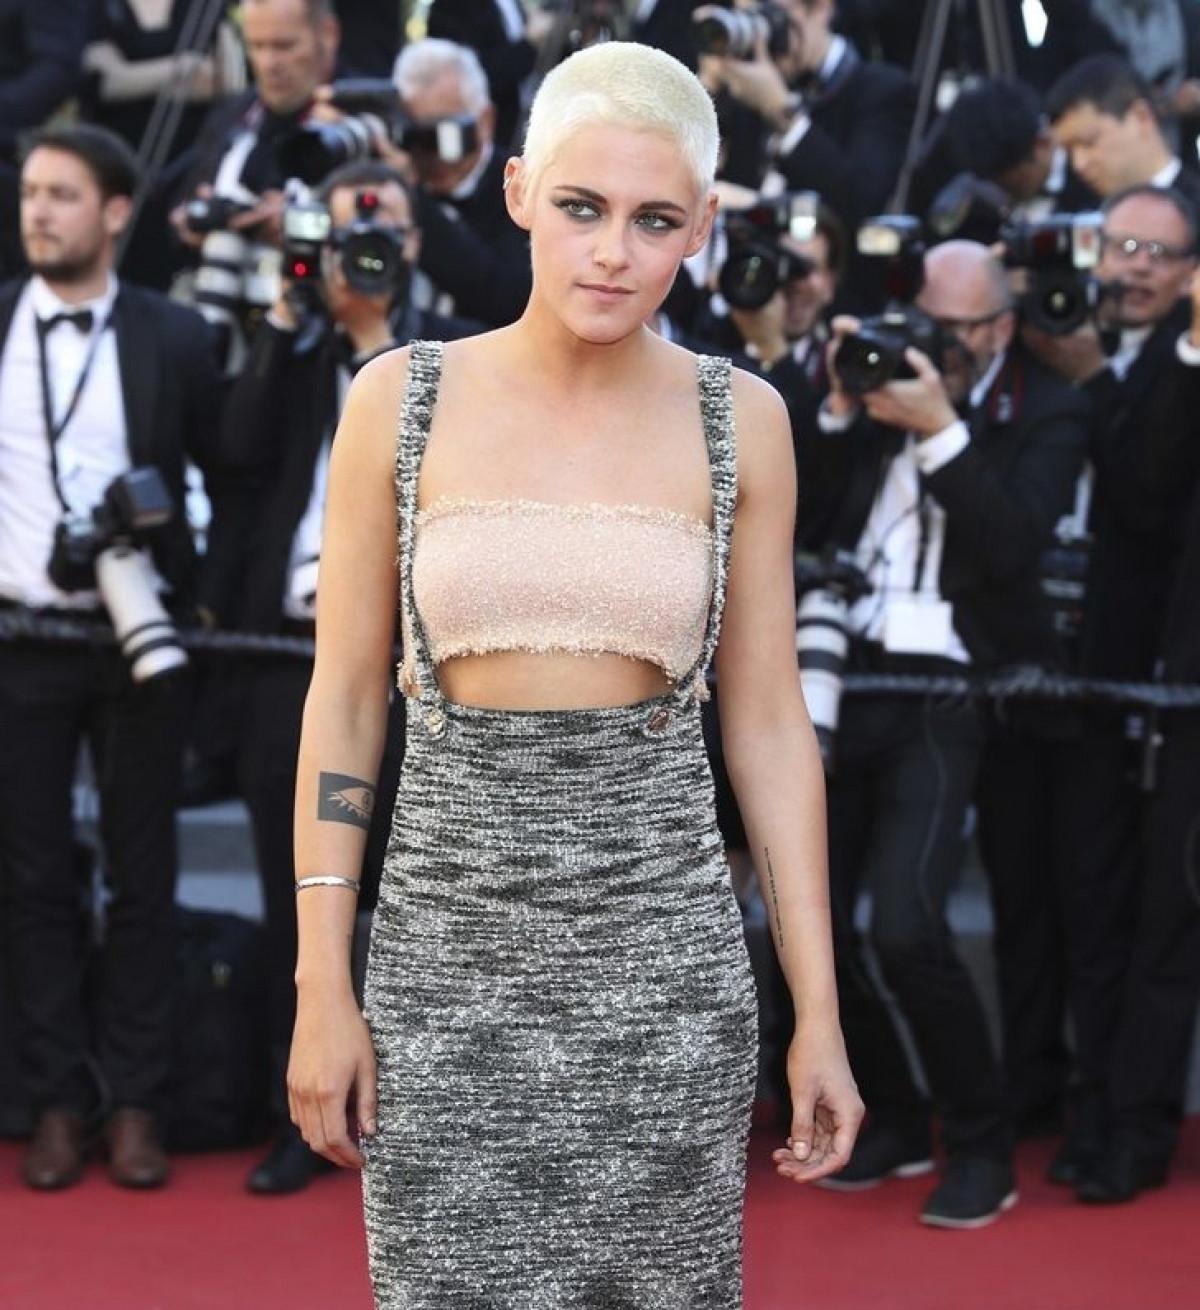 Sao Hollywood gây chú ý khi mặc đồ ngủ, đi chân đất lên thảm đỏ-8